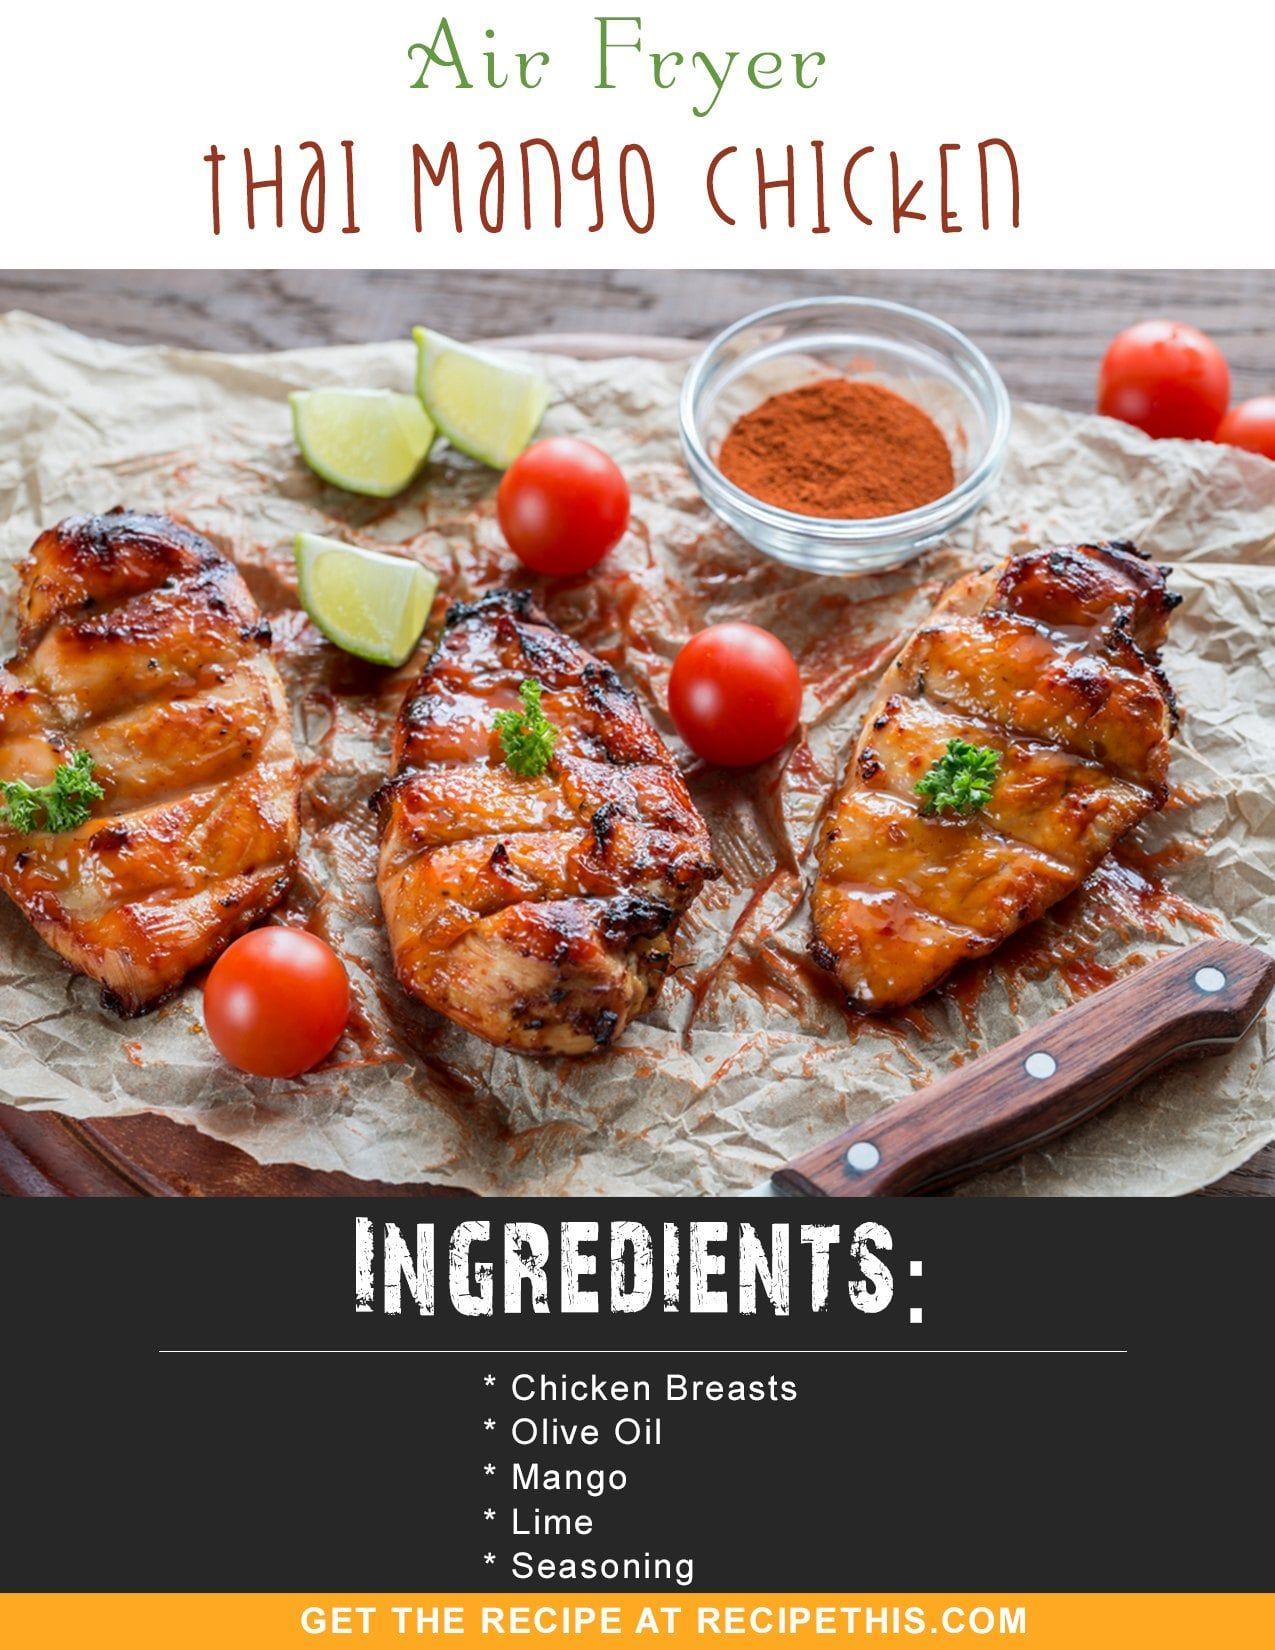 Airfryer Recipes Air Fryer Thai Mango Chicken recipe